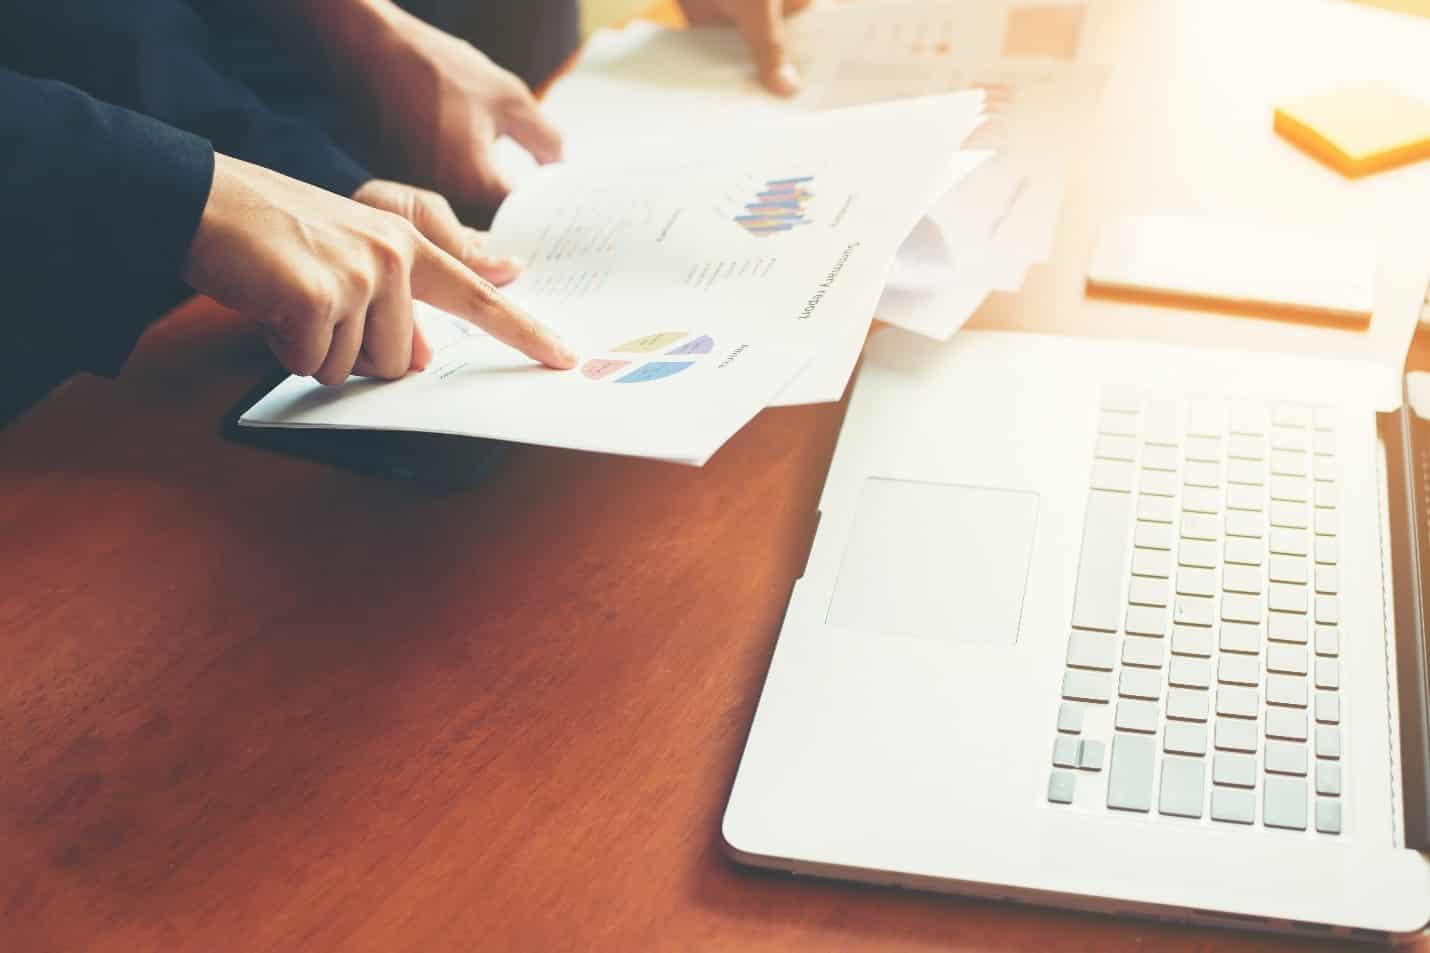 استانداردهای حسابداری بر مبنای اجرای آنها